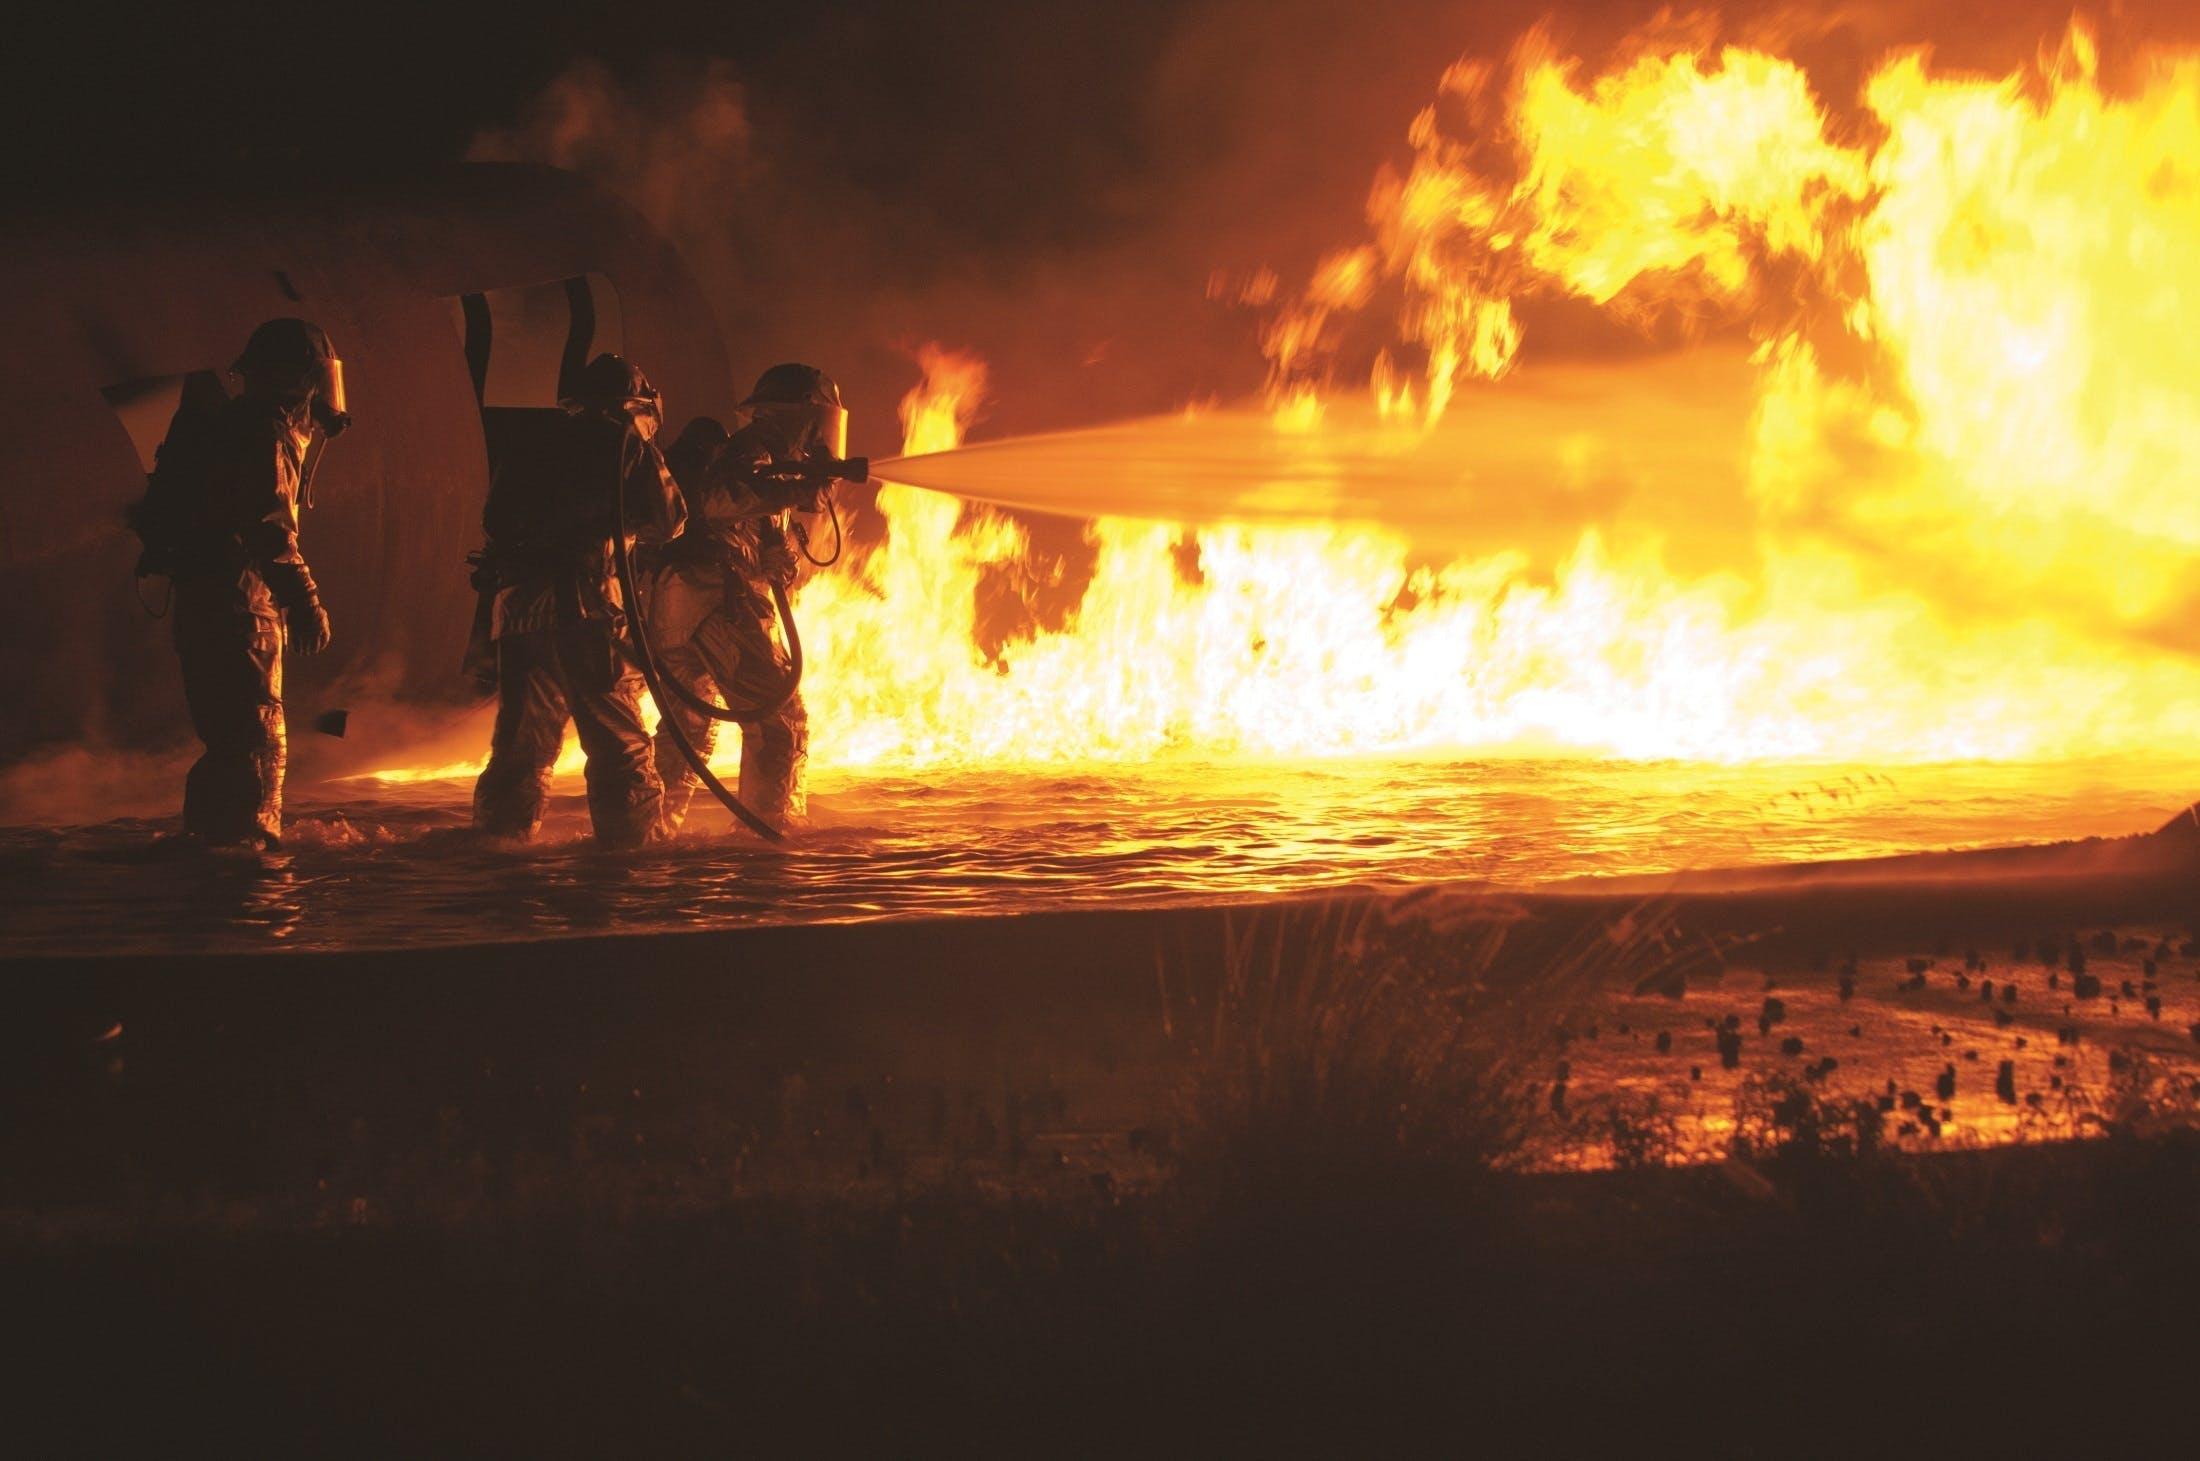 Gratis lagerfoto af brand, brandmænd, flamme, folk